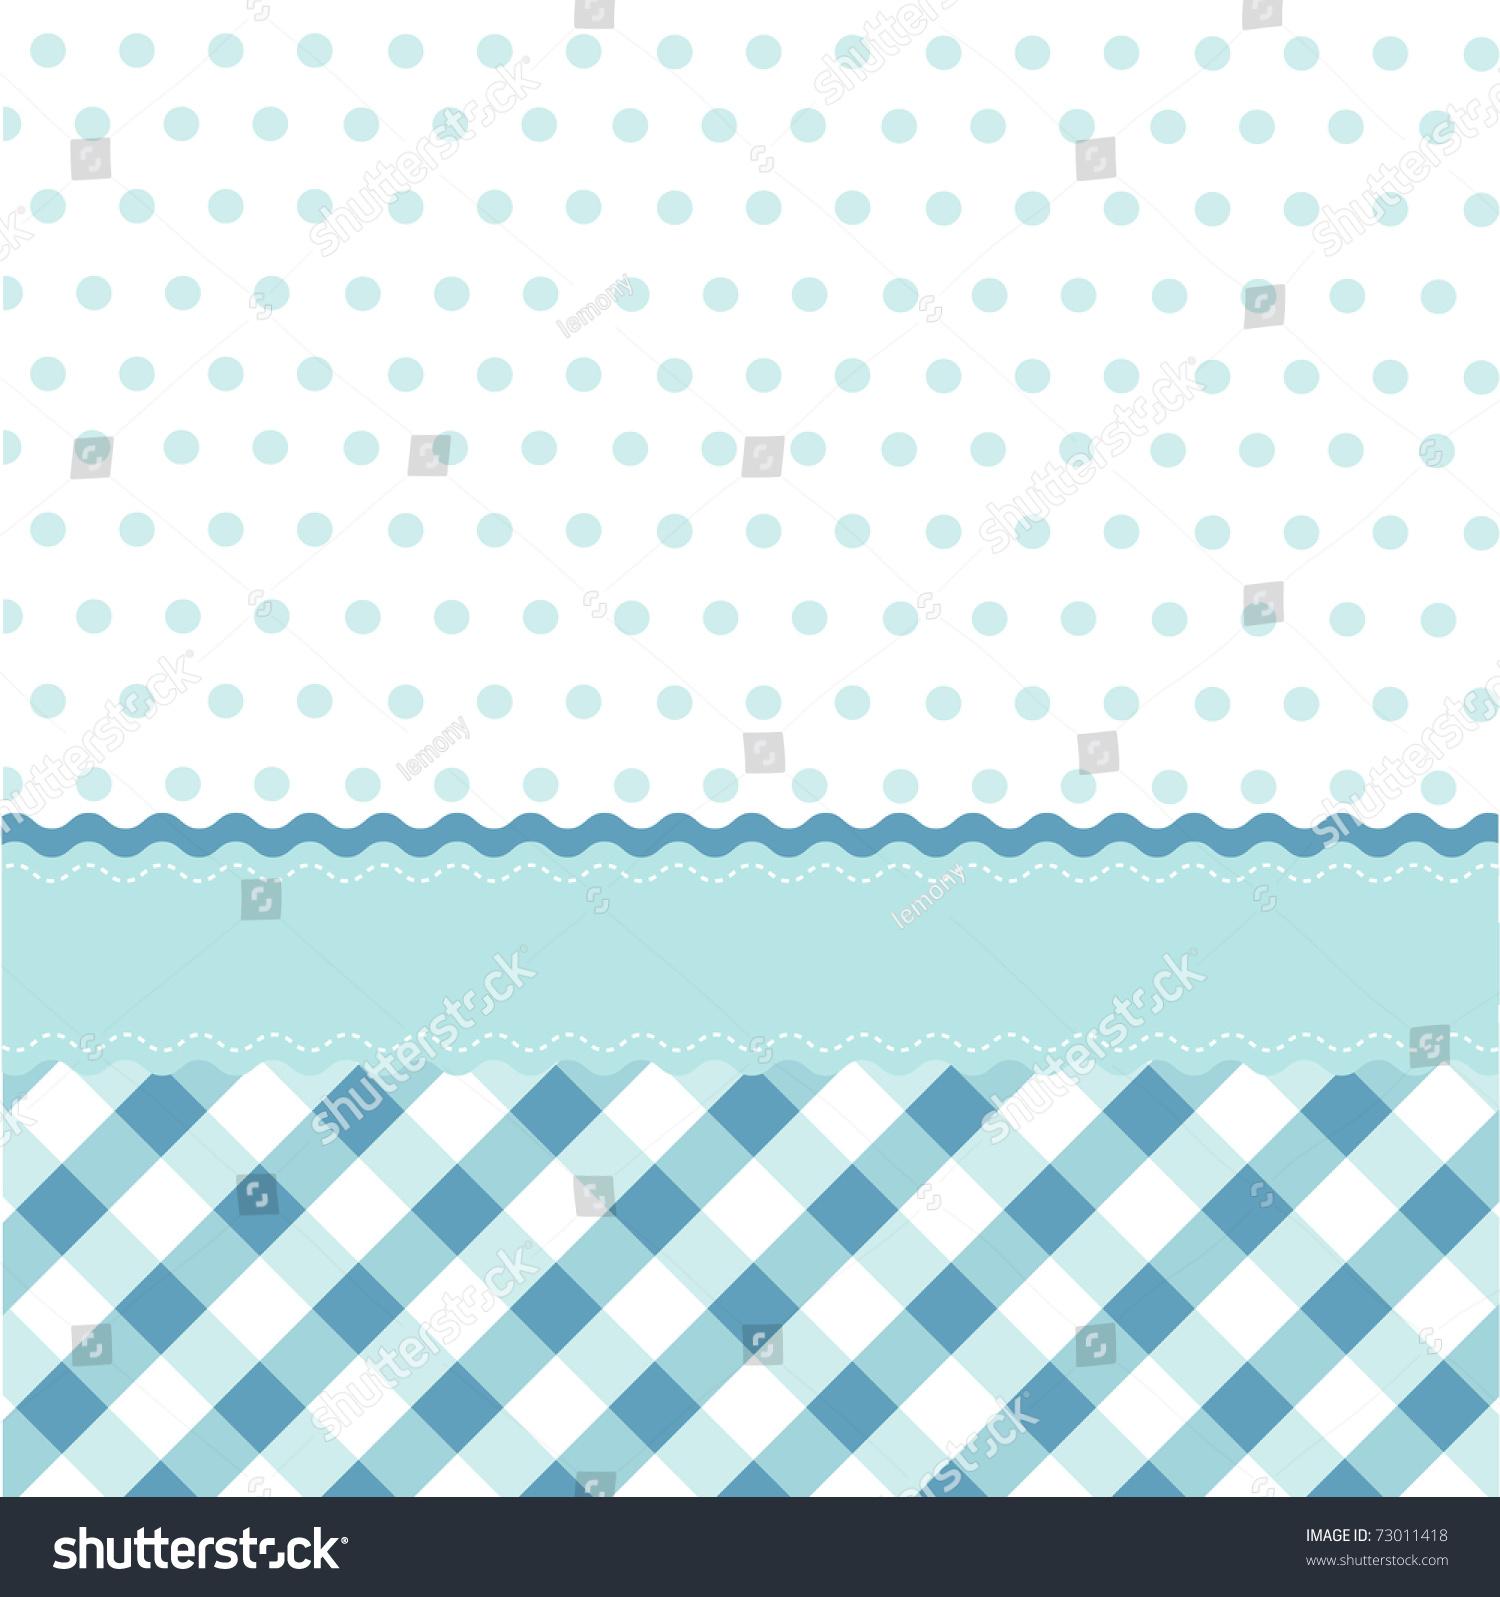 baby blue wallpaper designs. Black Bedroom Furniture Sets. Home Design Ideas